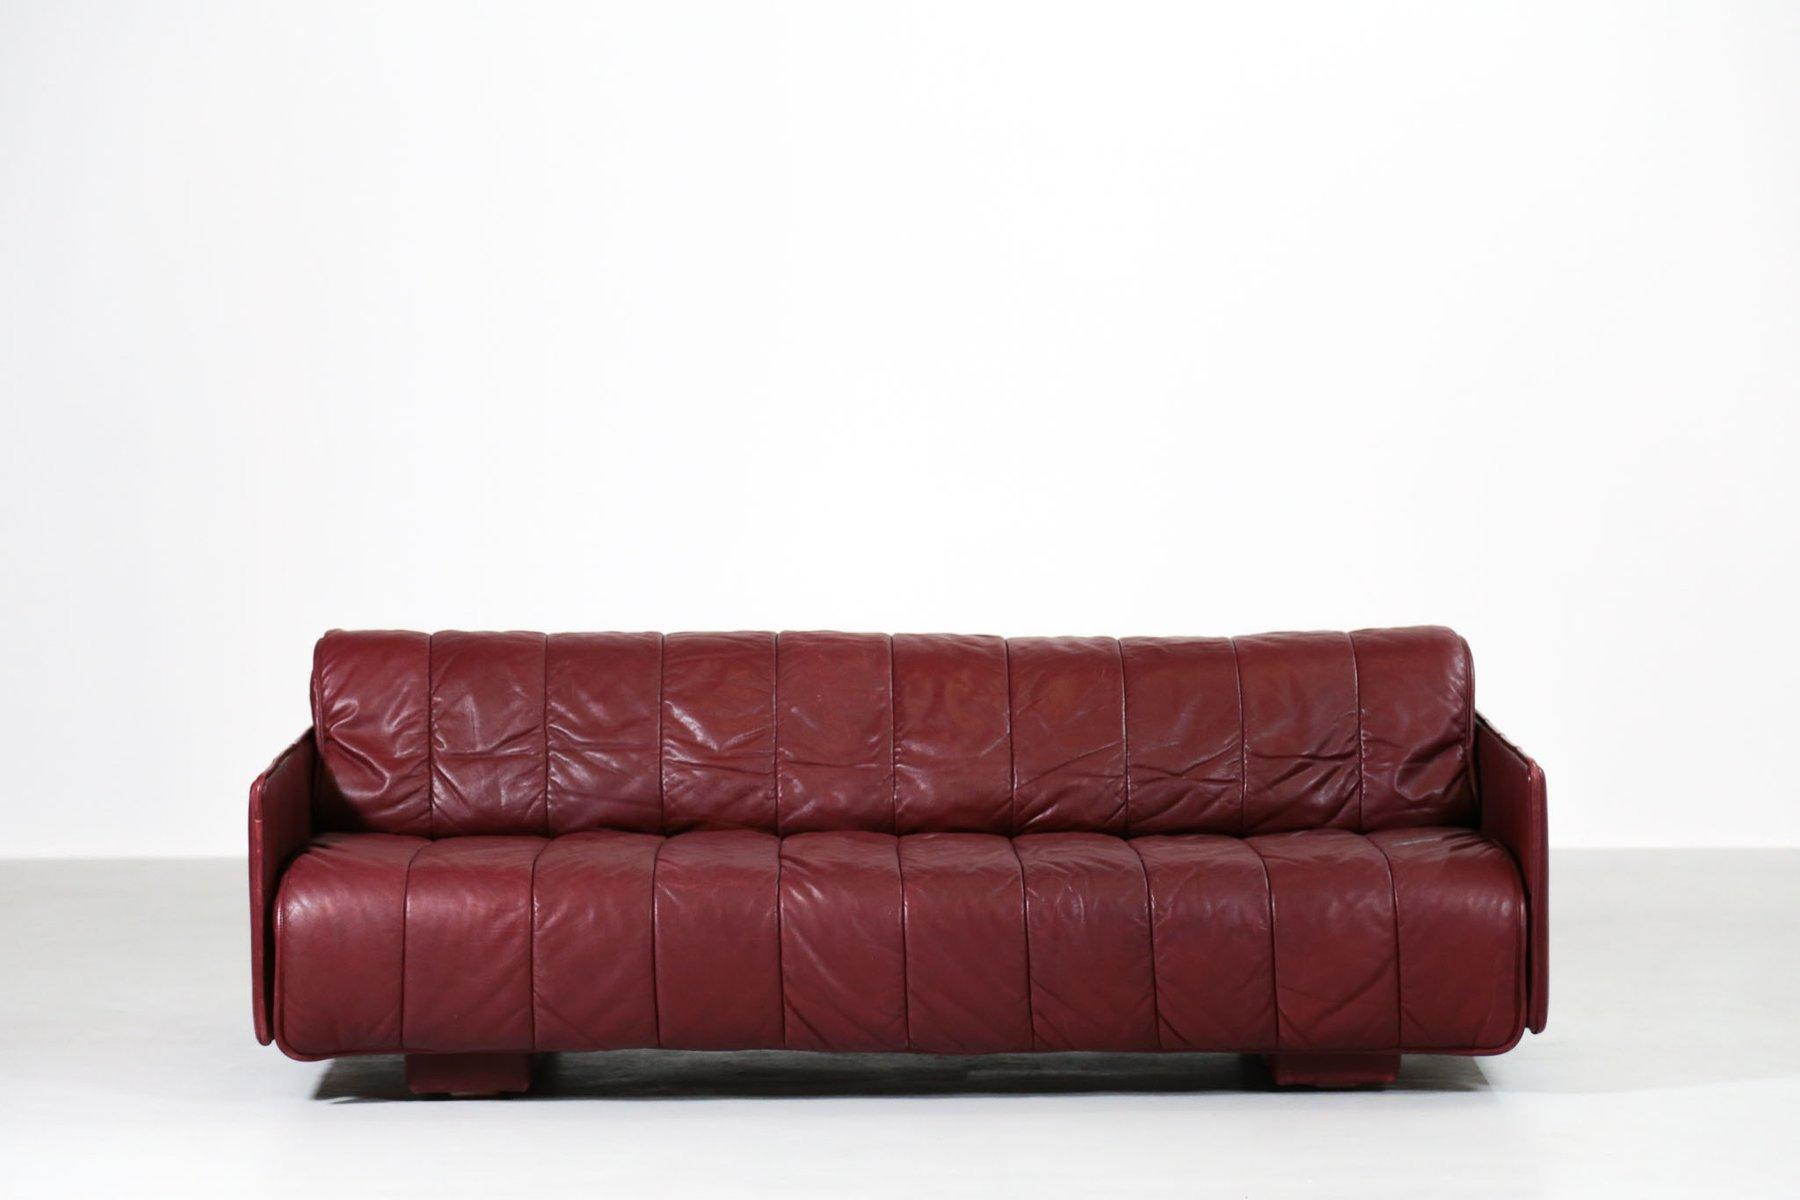 Divano Letto Patchwork : Divano letto in pelle di de sede svizzera anni in vendita su